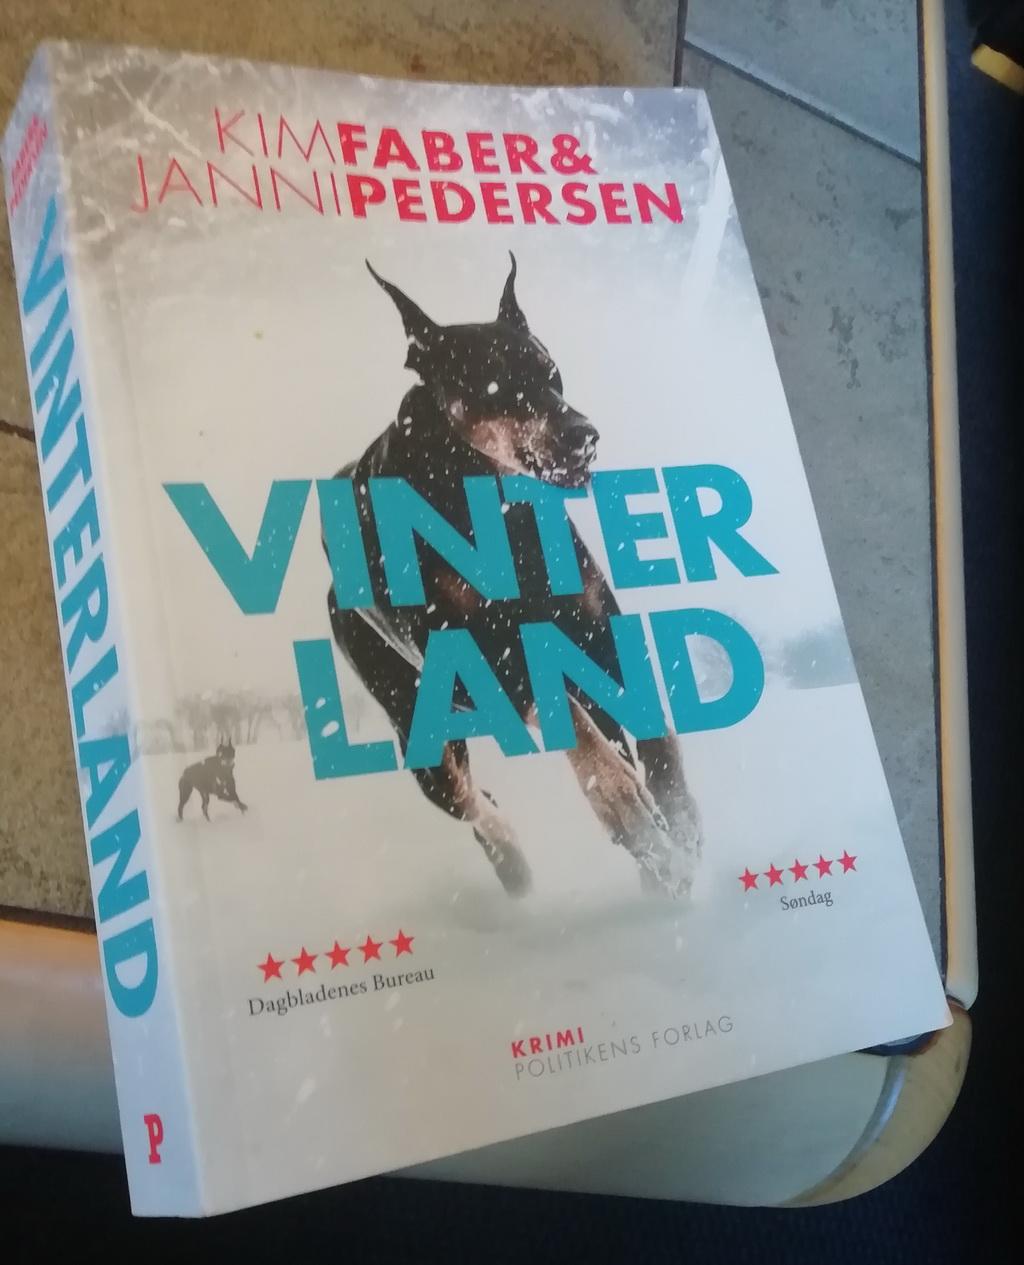 Vinterland af Kim Faber & Janni Pedersen.